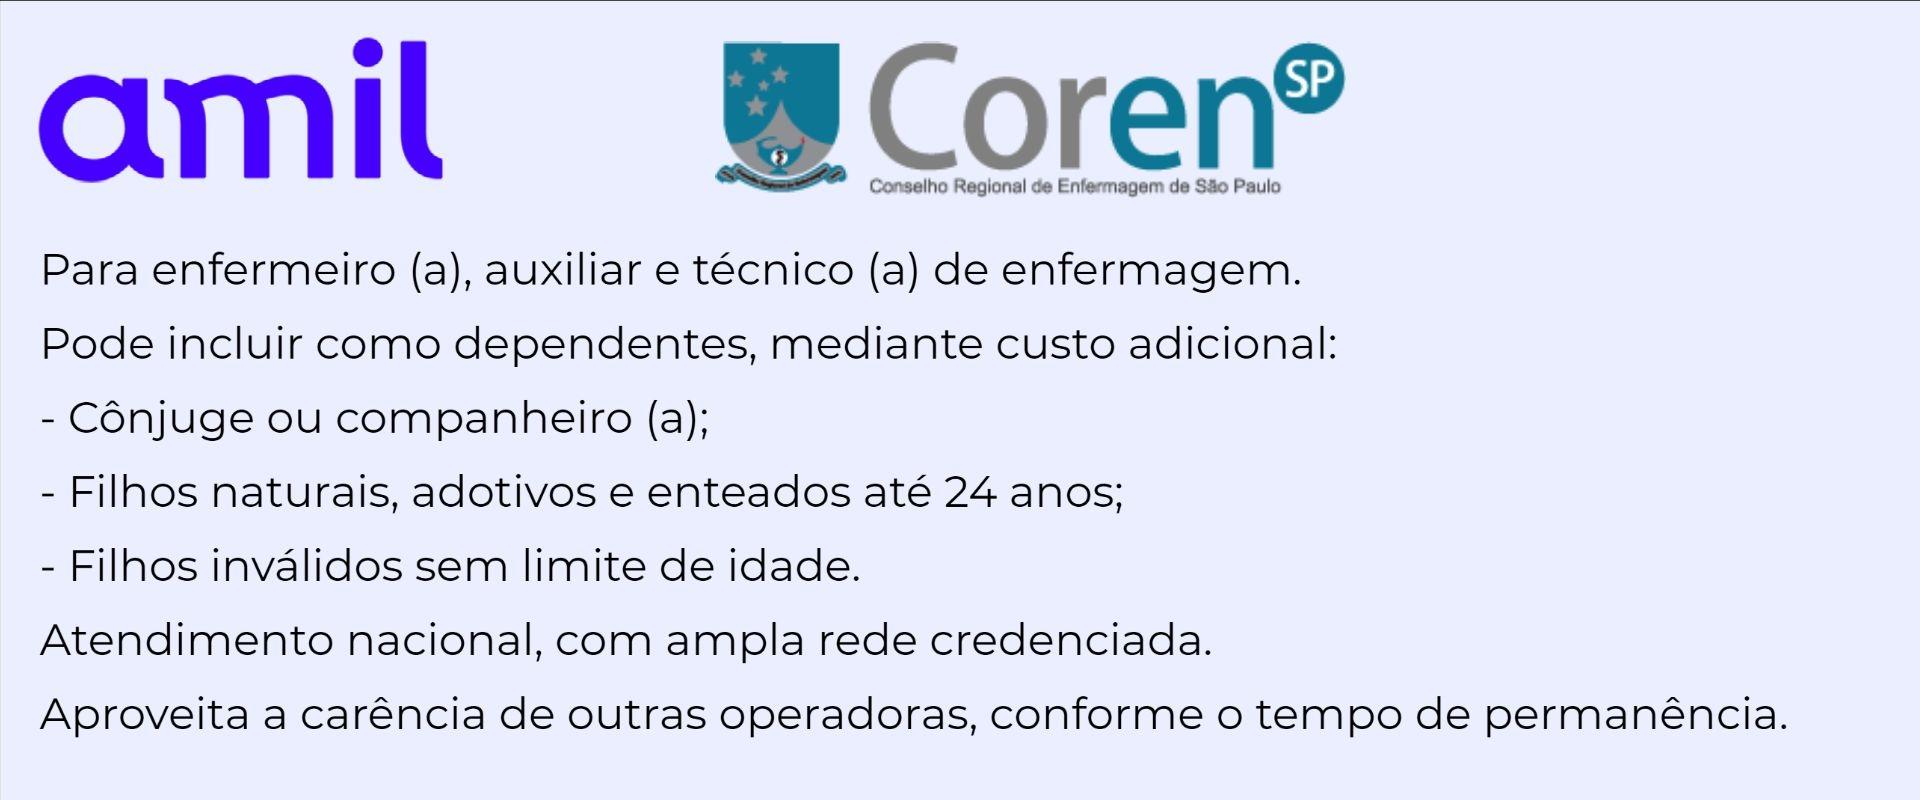 Amil COREN-SP